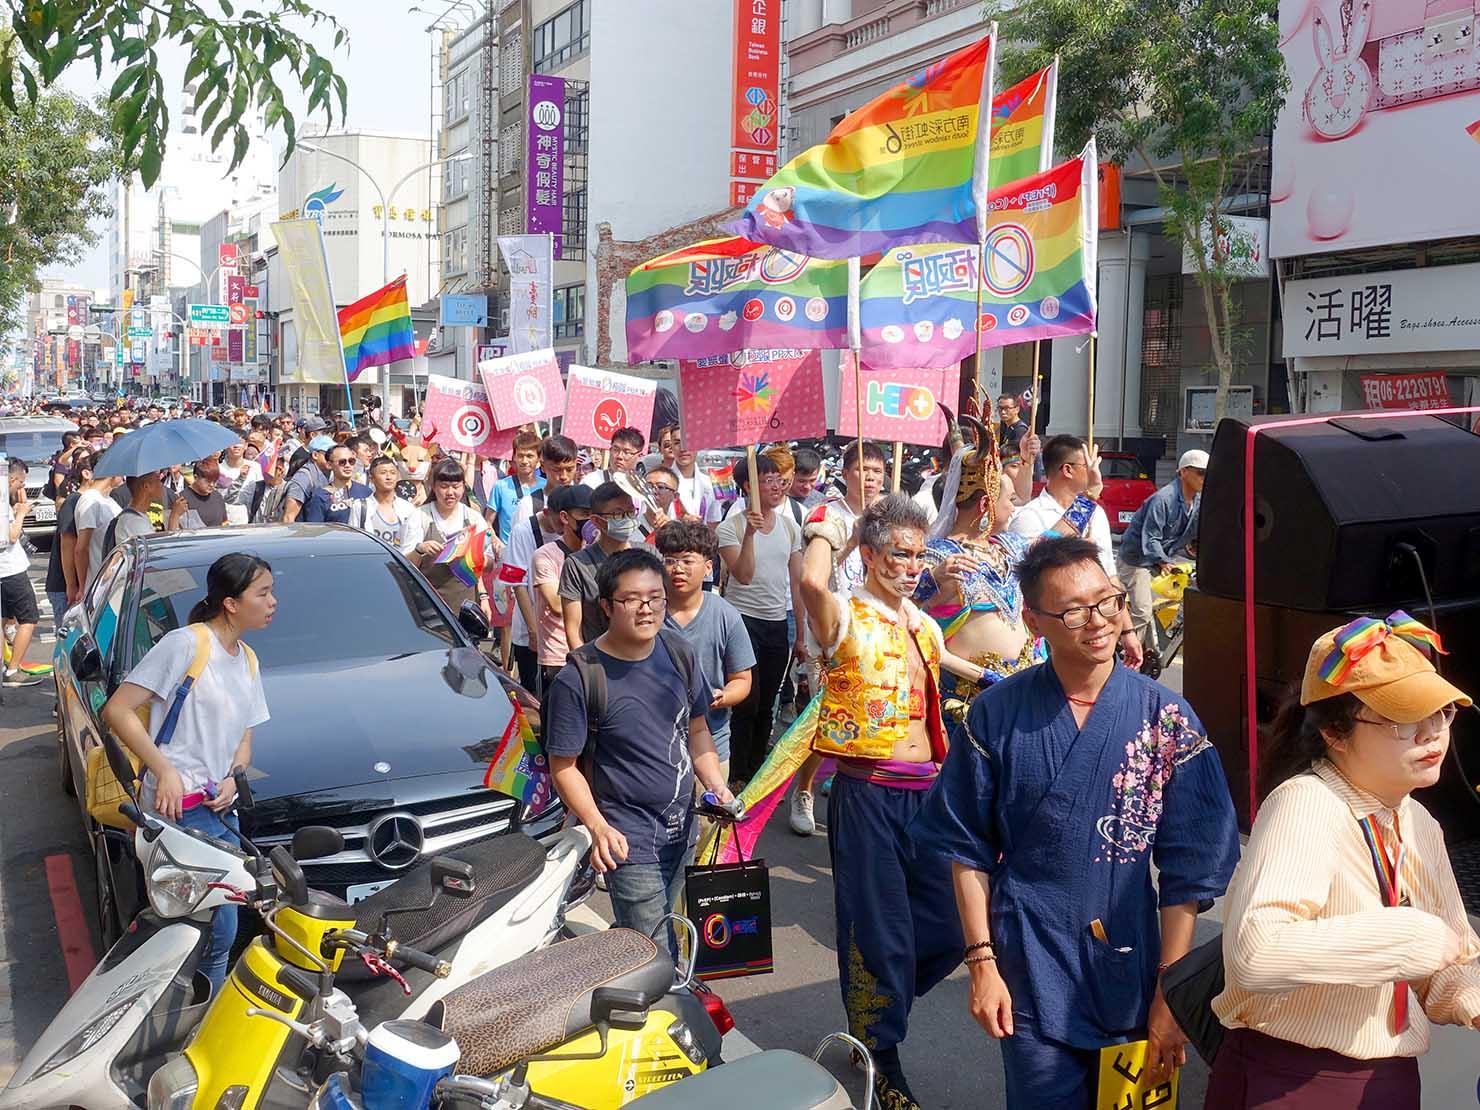 台南彩虹遊行(台南レインボーパレード)2019でレインボーフラッグを掲げて歩く参加者